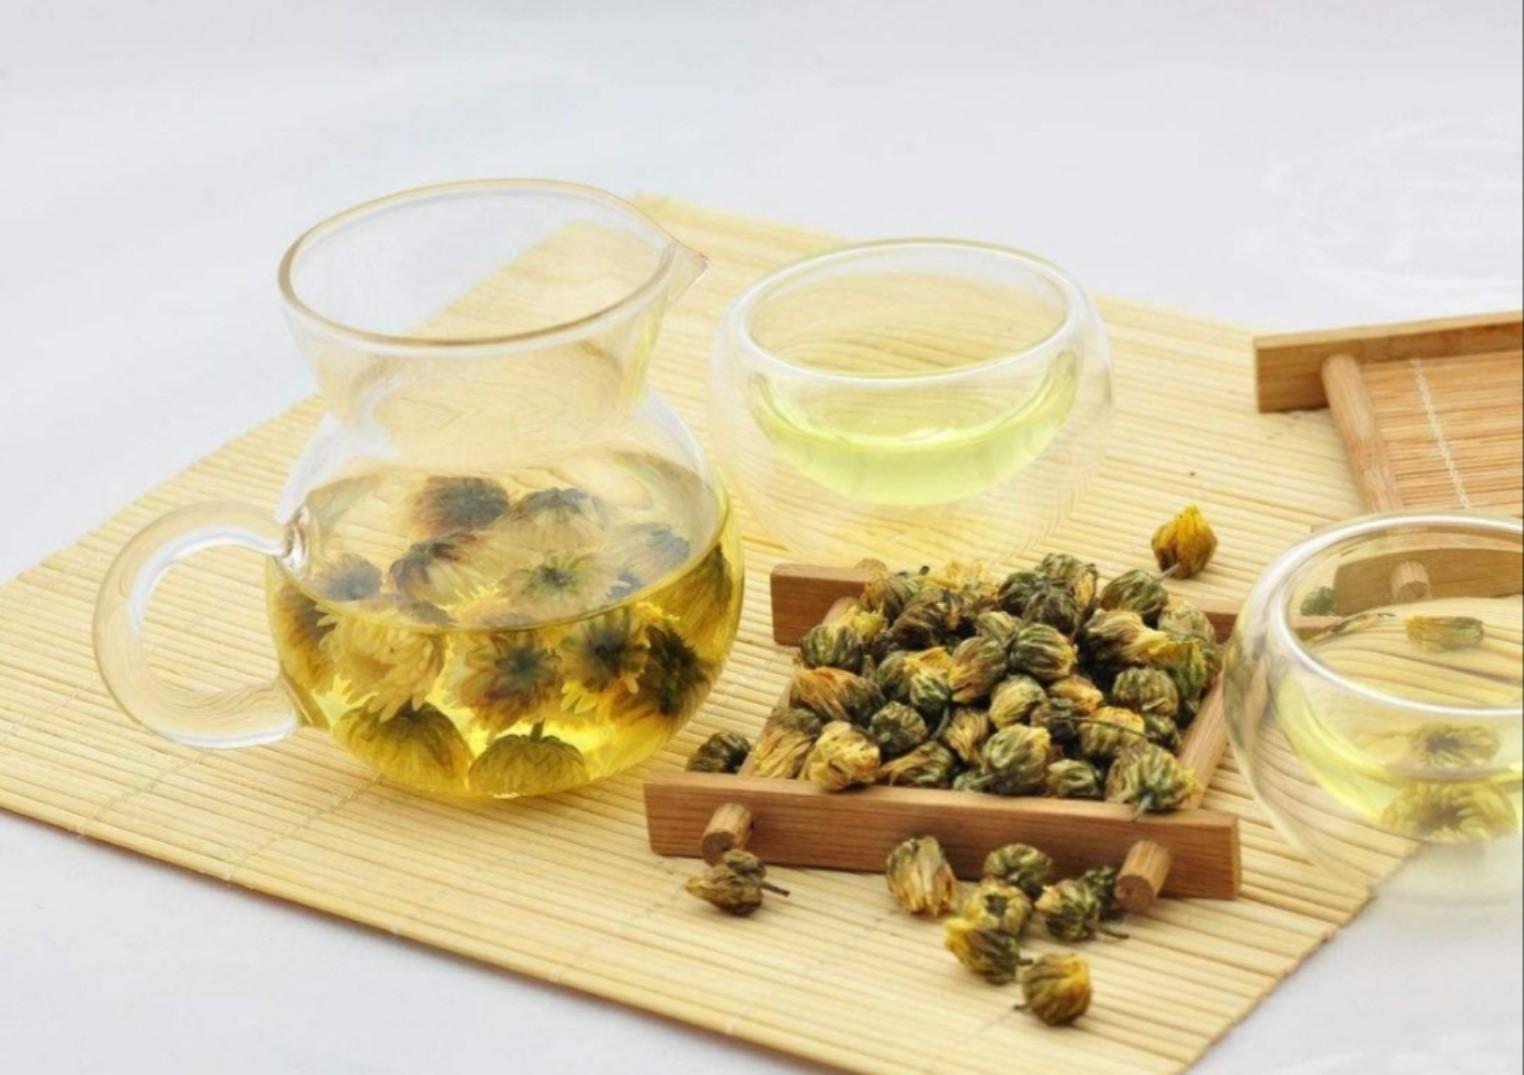 Trà cúc là một trong những loại trà hoa đầu tiên trên thế giớ